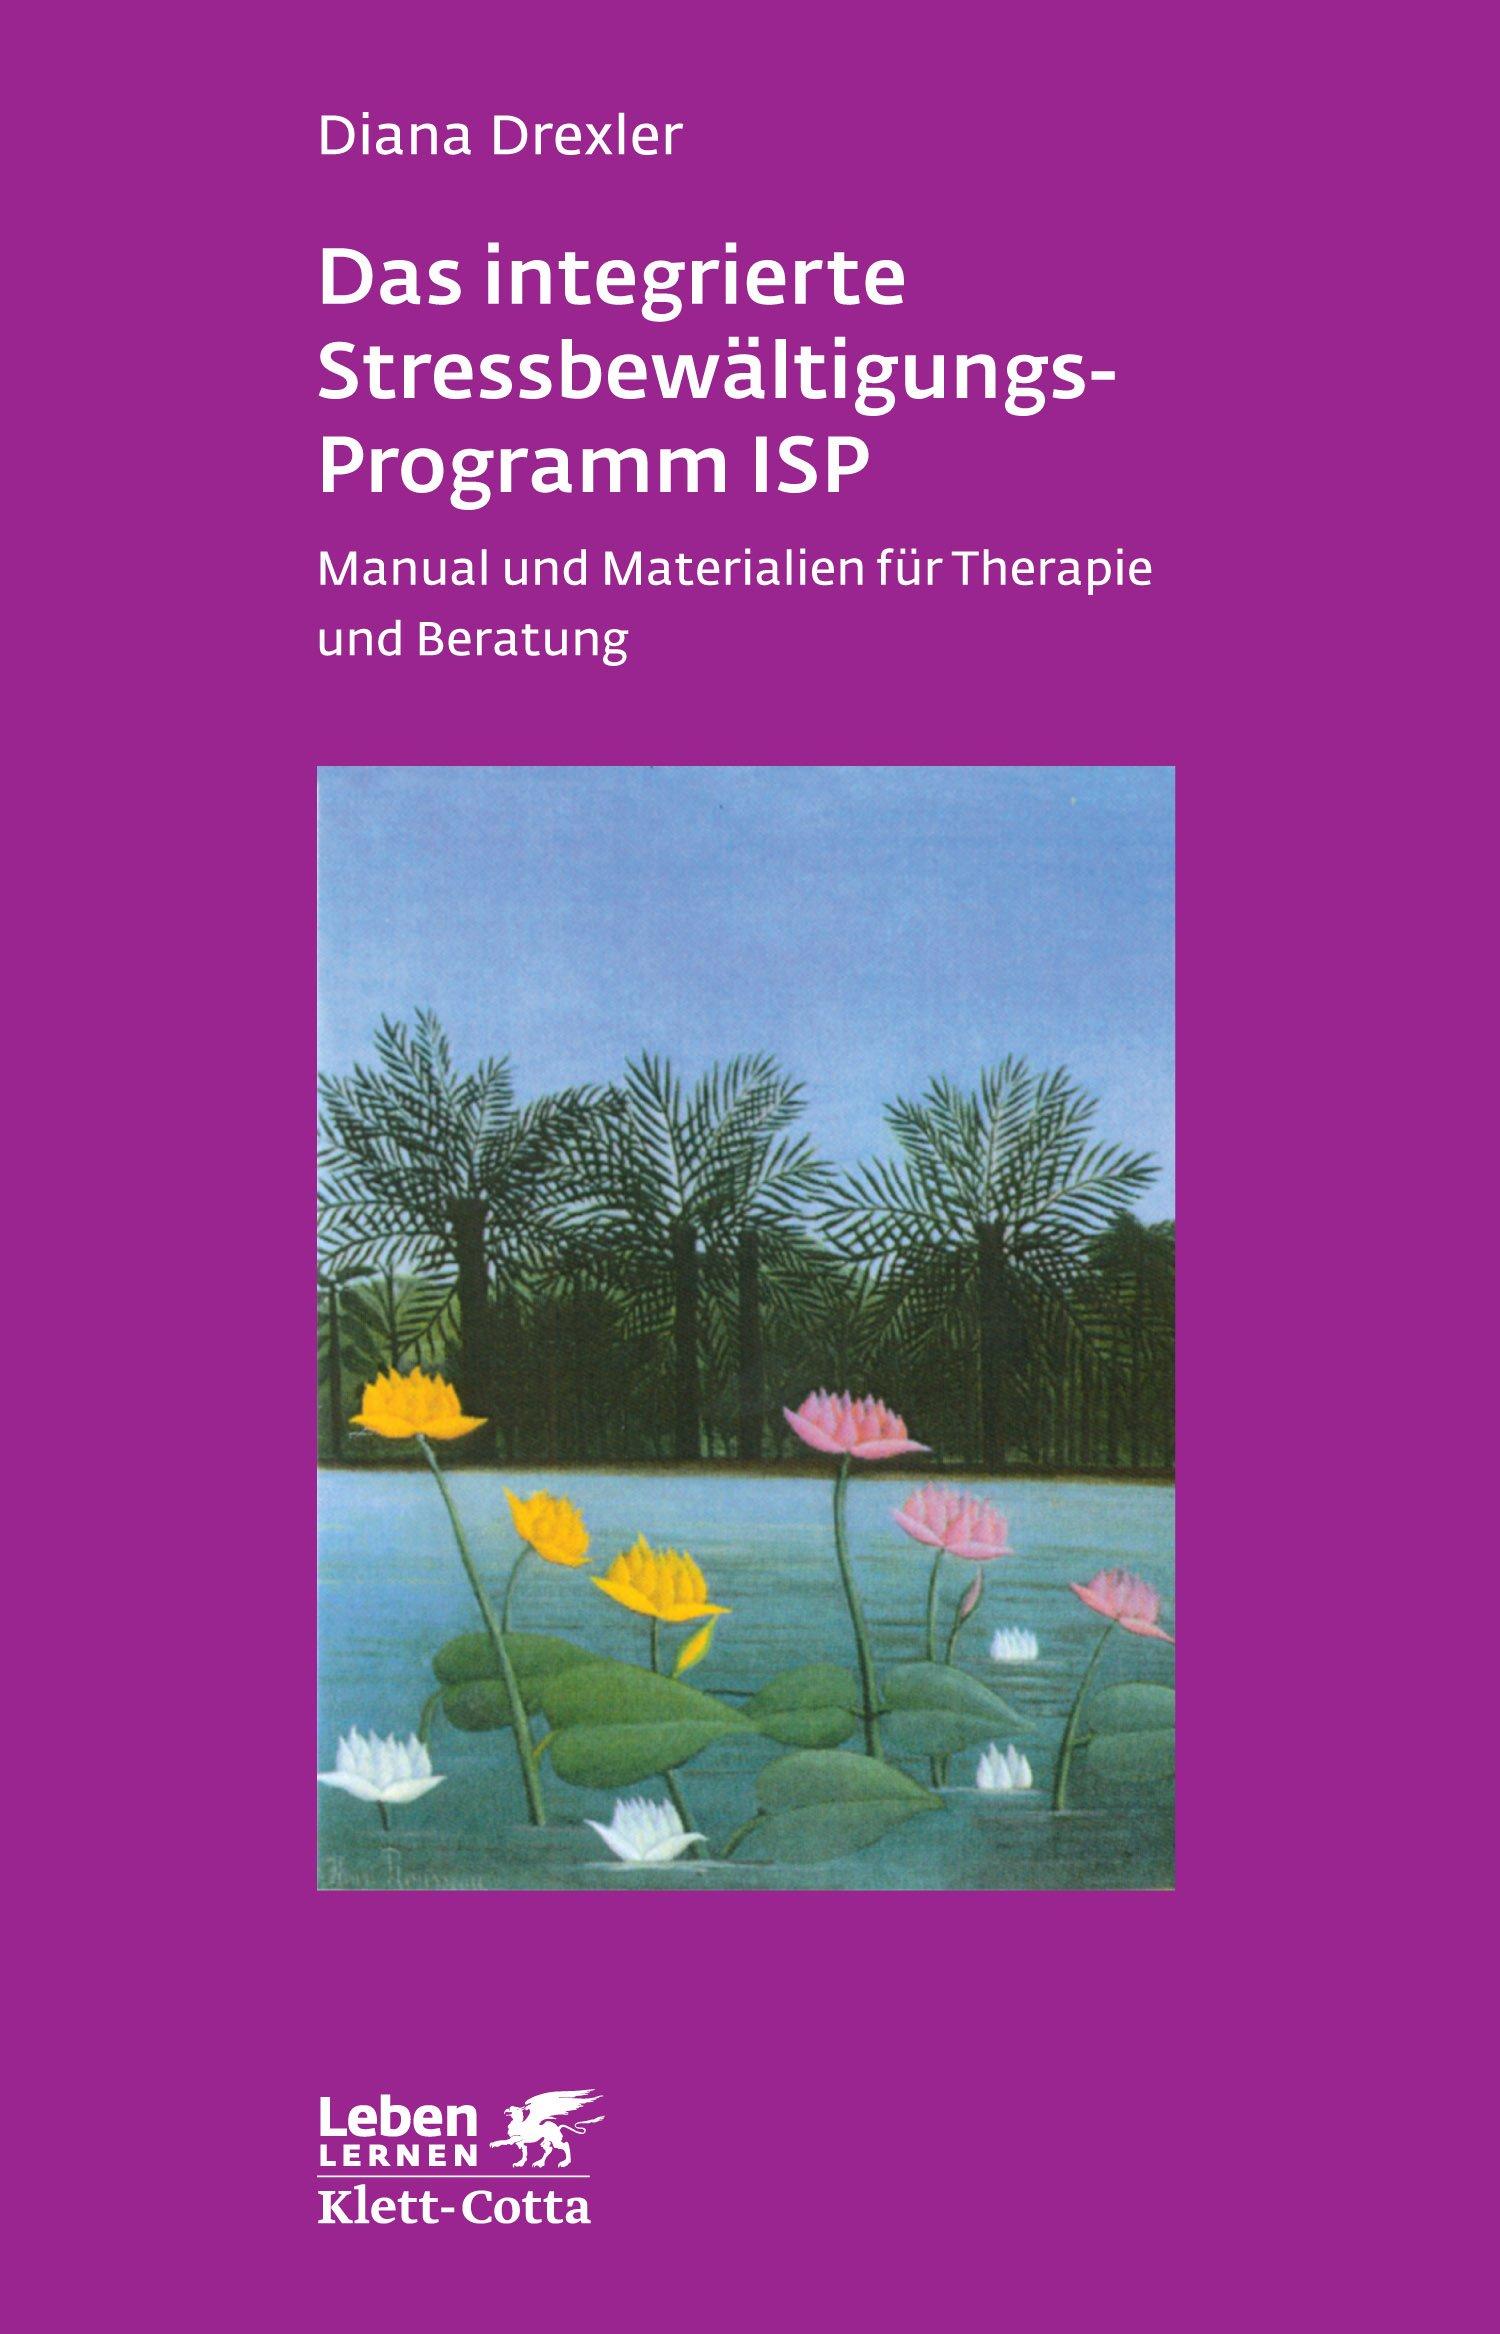 Das integrierte Stressbewältigungsprogramm ISP